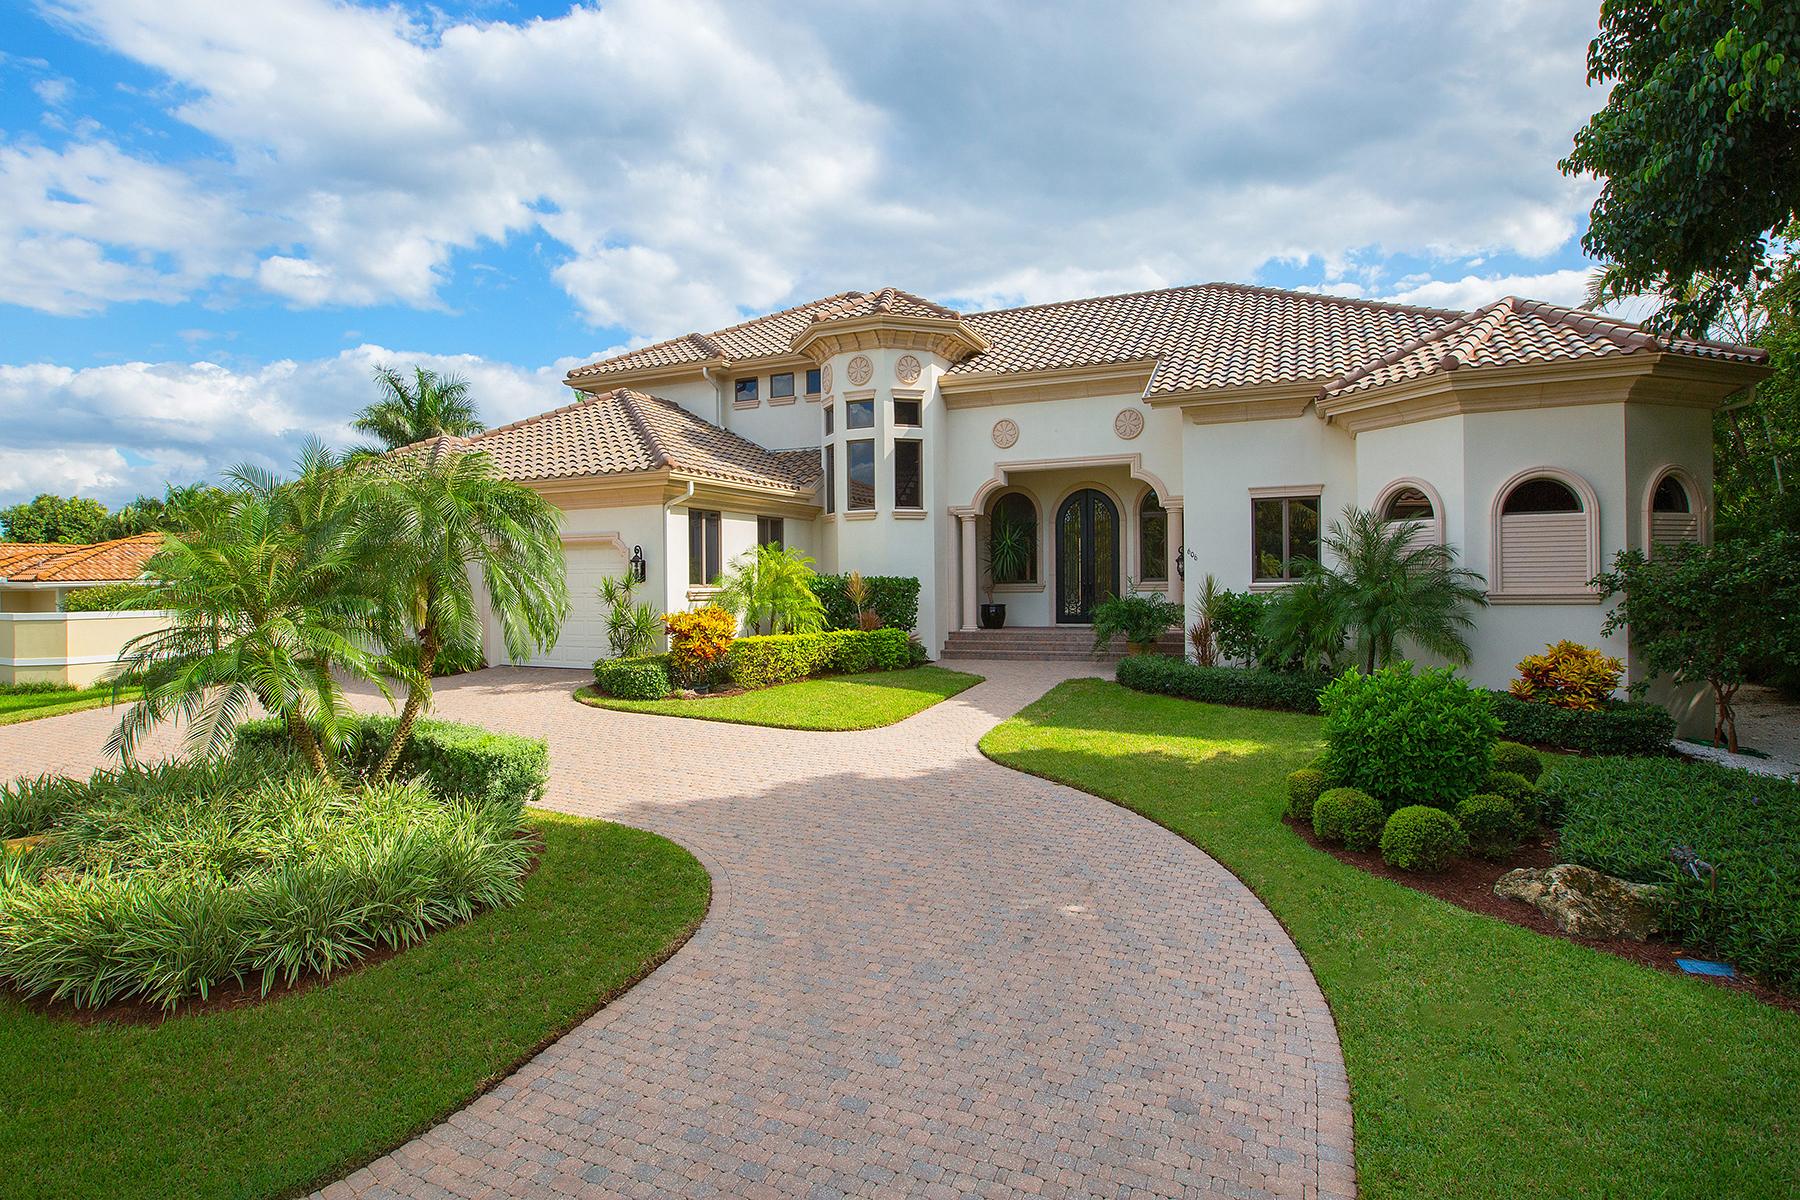 一戸建て のために 売買 アット MOORINGS 606 Binnacle Dr Naples, フロリダ, 34103 アメリカ合衆国